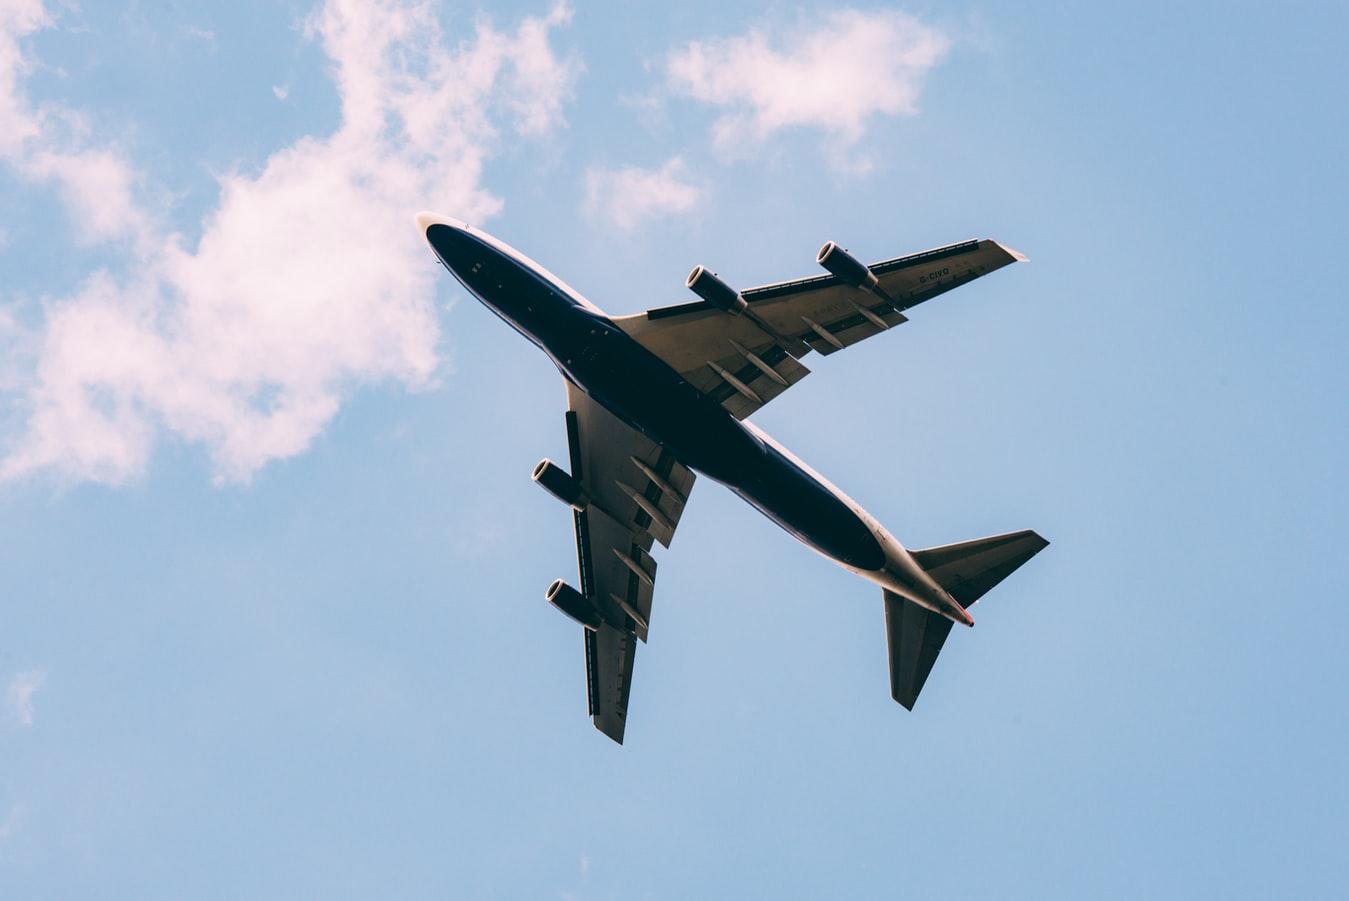 Wat is de prijs van een privé vlucht?